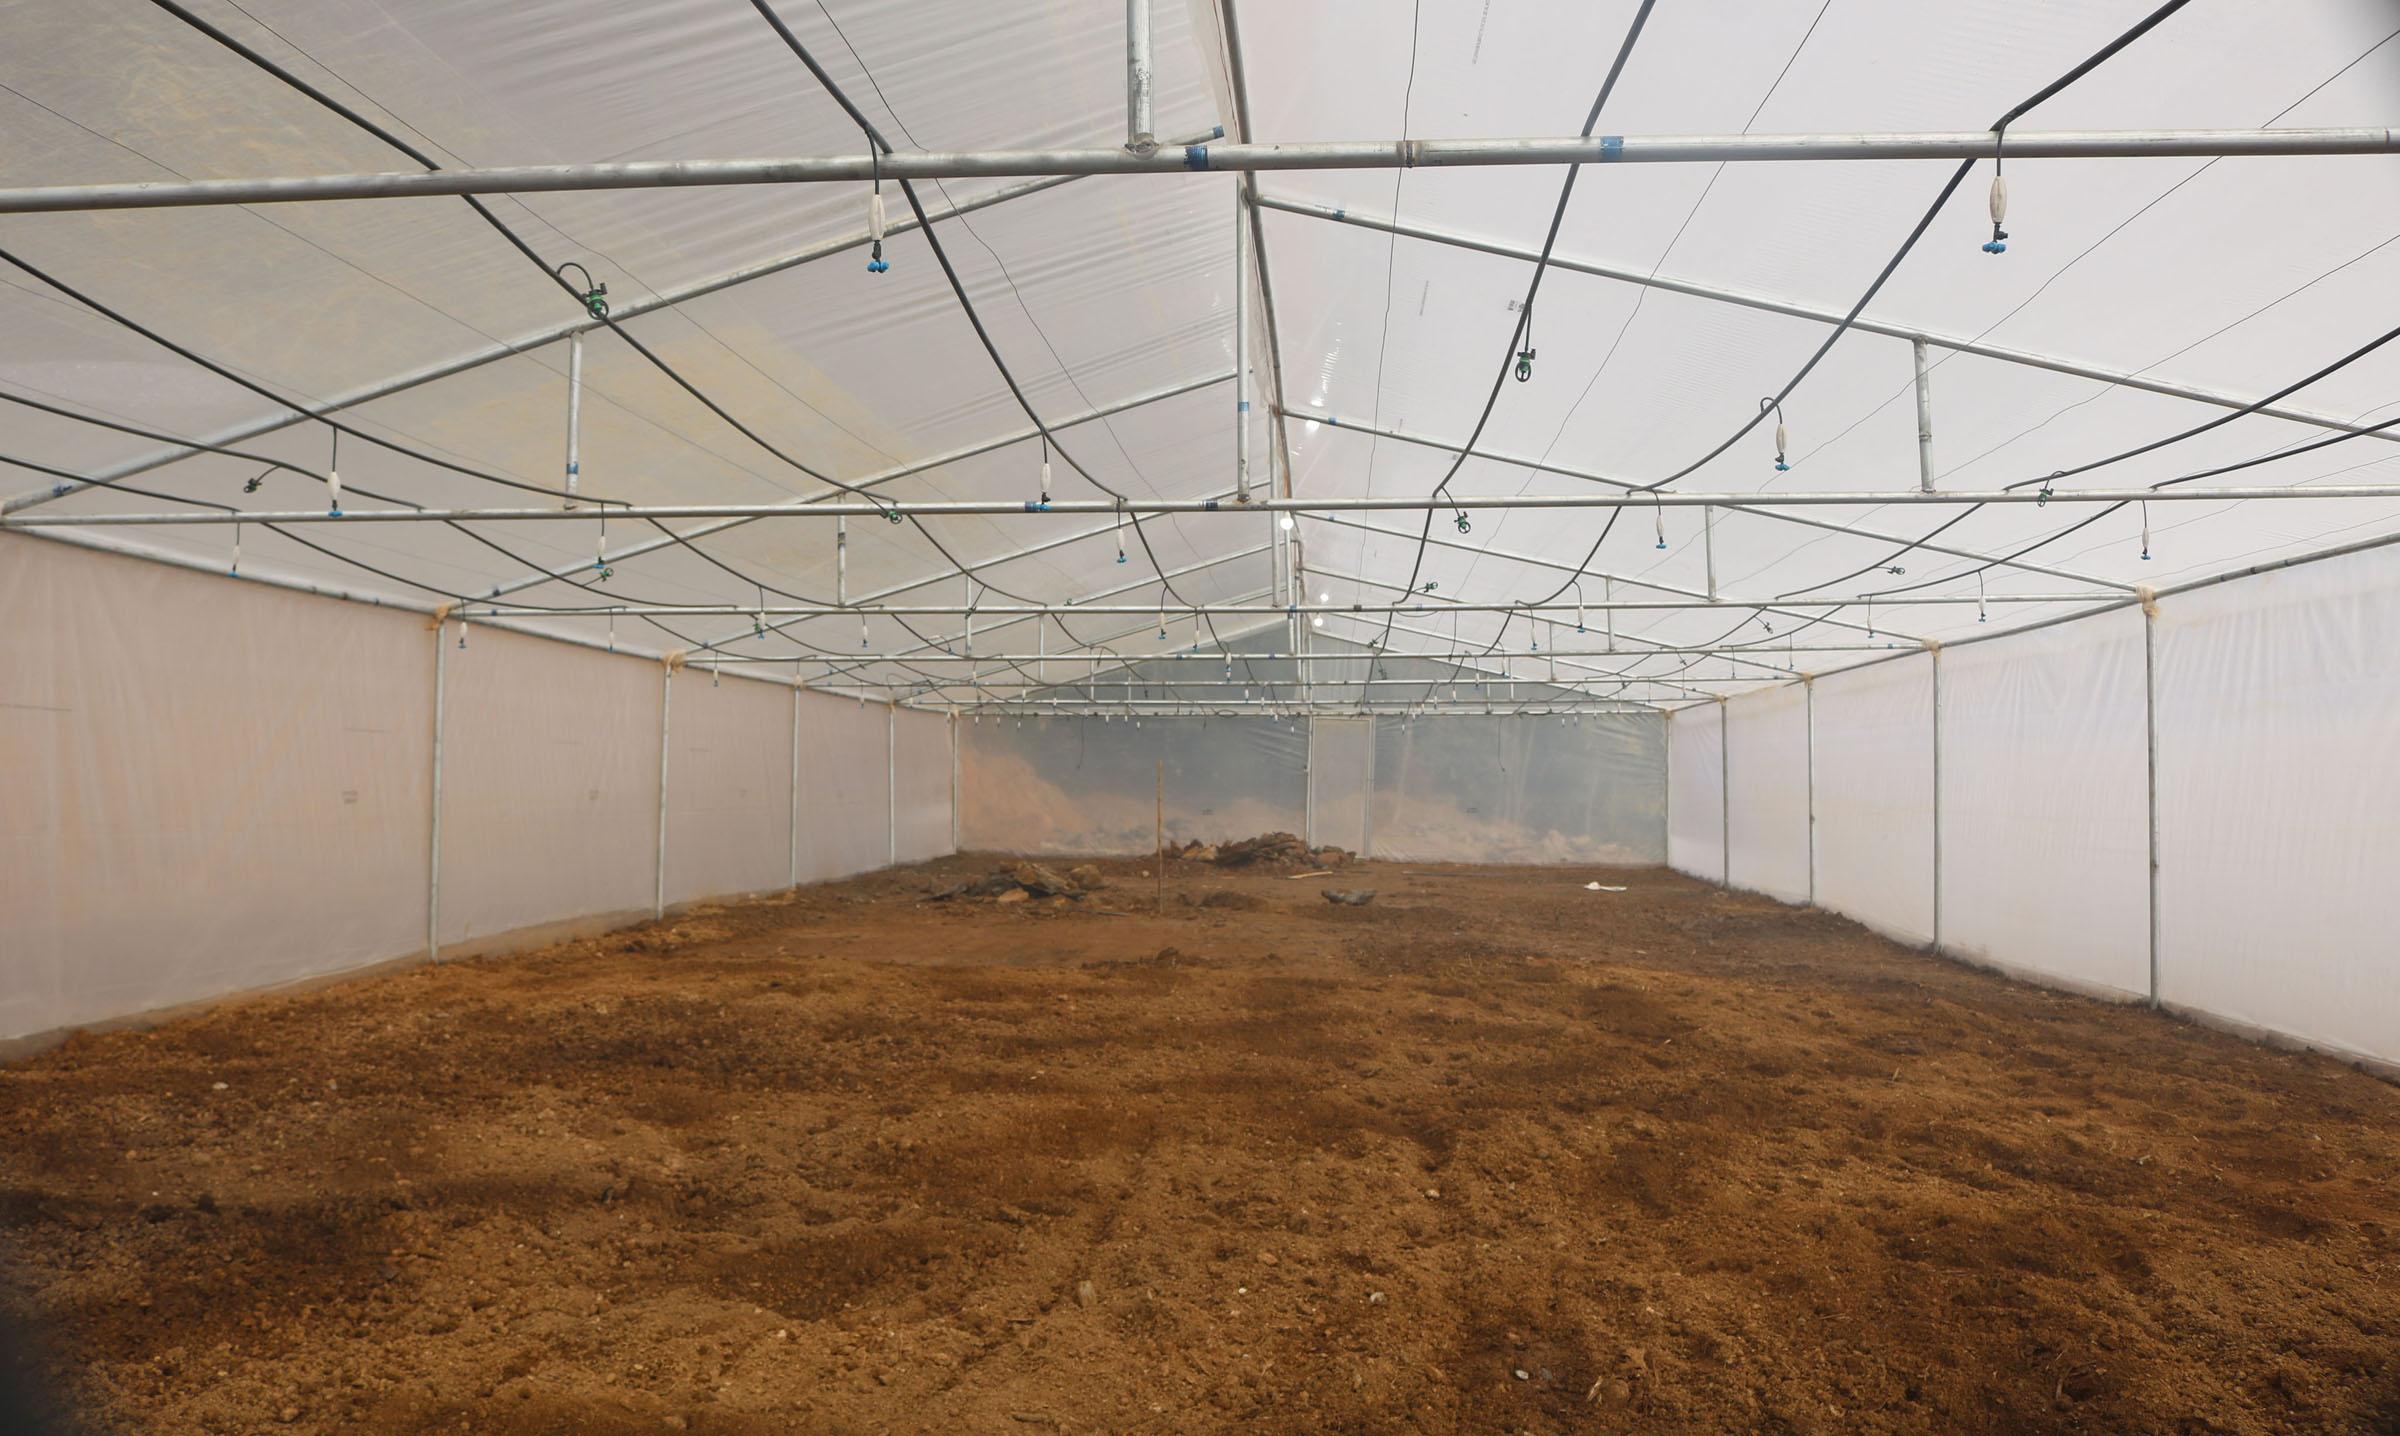 कृषिमा आधुनिक प्रविधि अपनाउँदै युवा किसान गङ्गाबहादुर